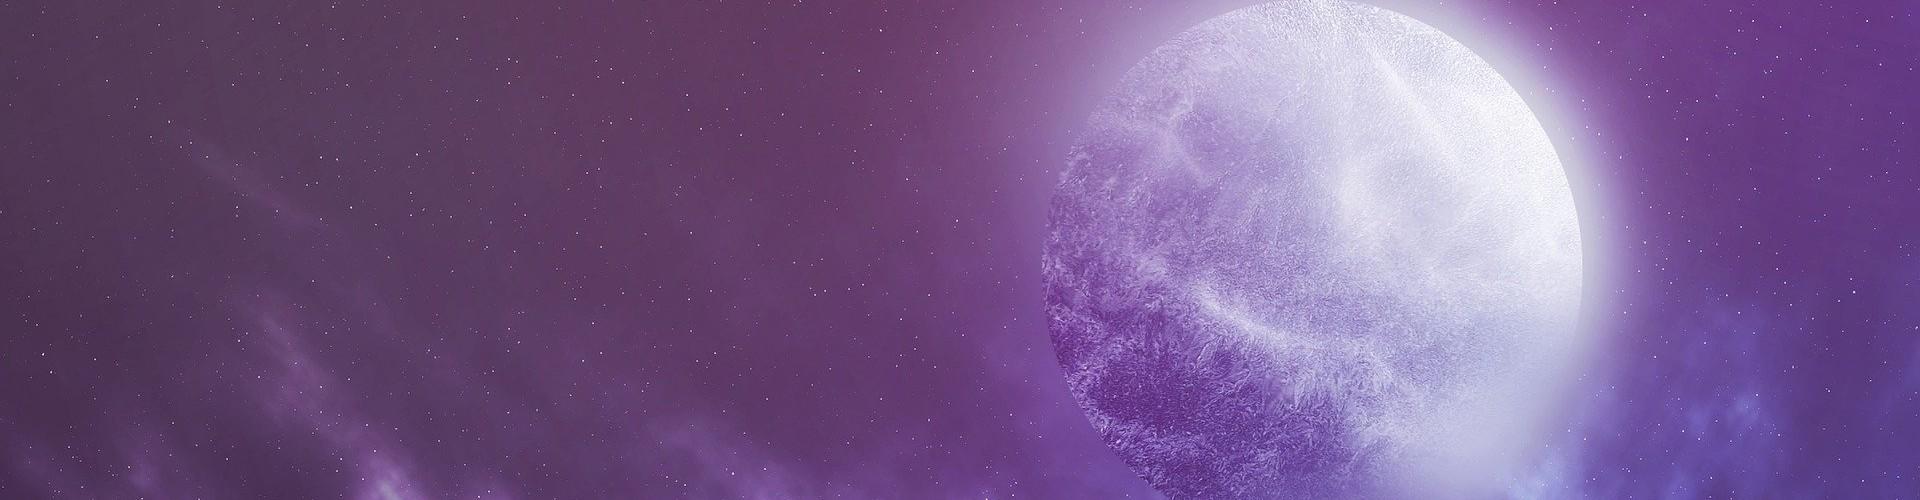 astroloog - horoscoop